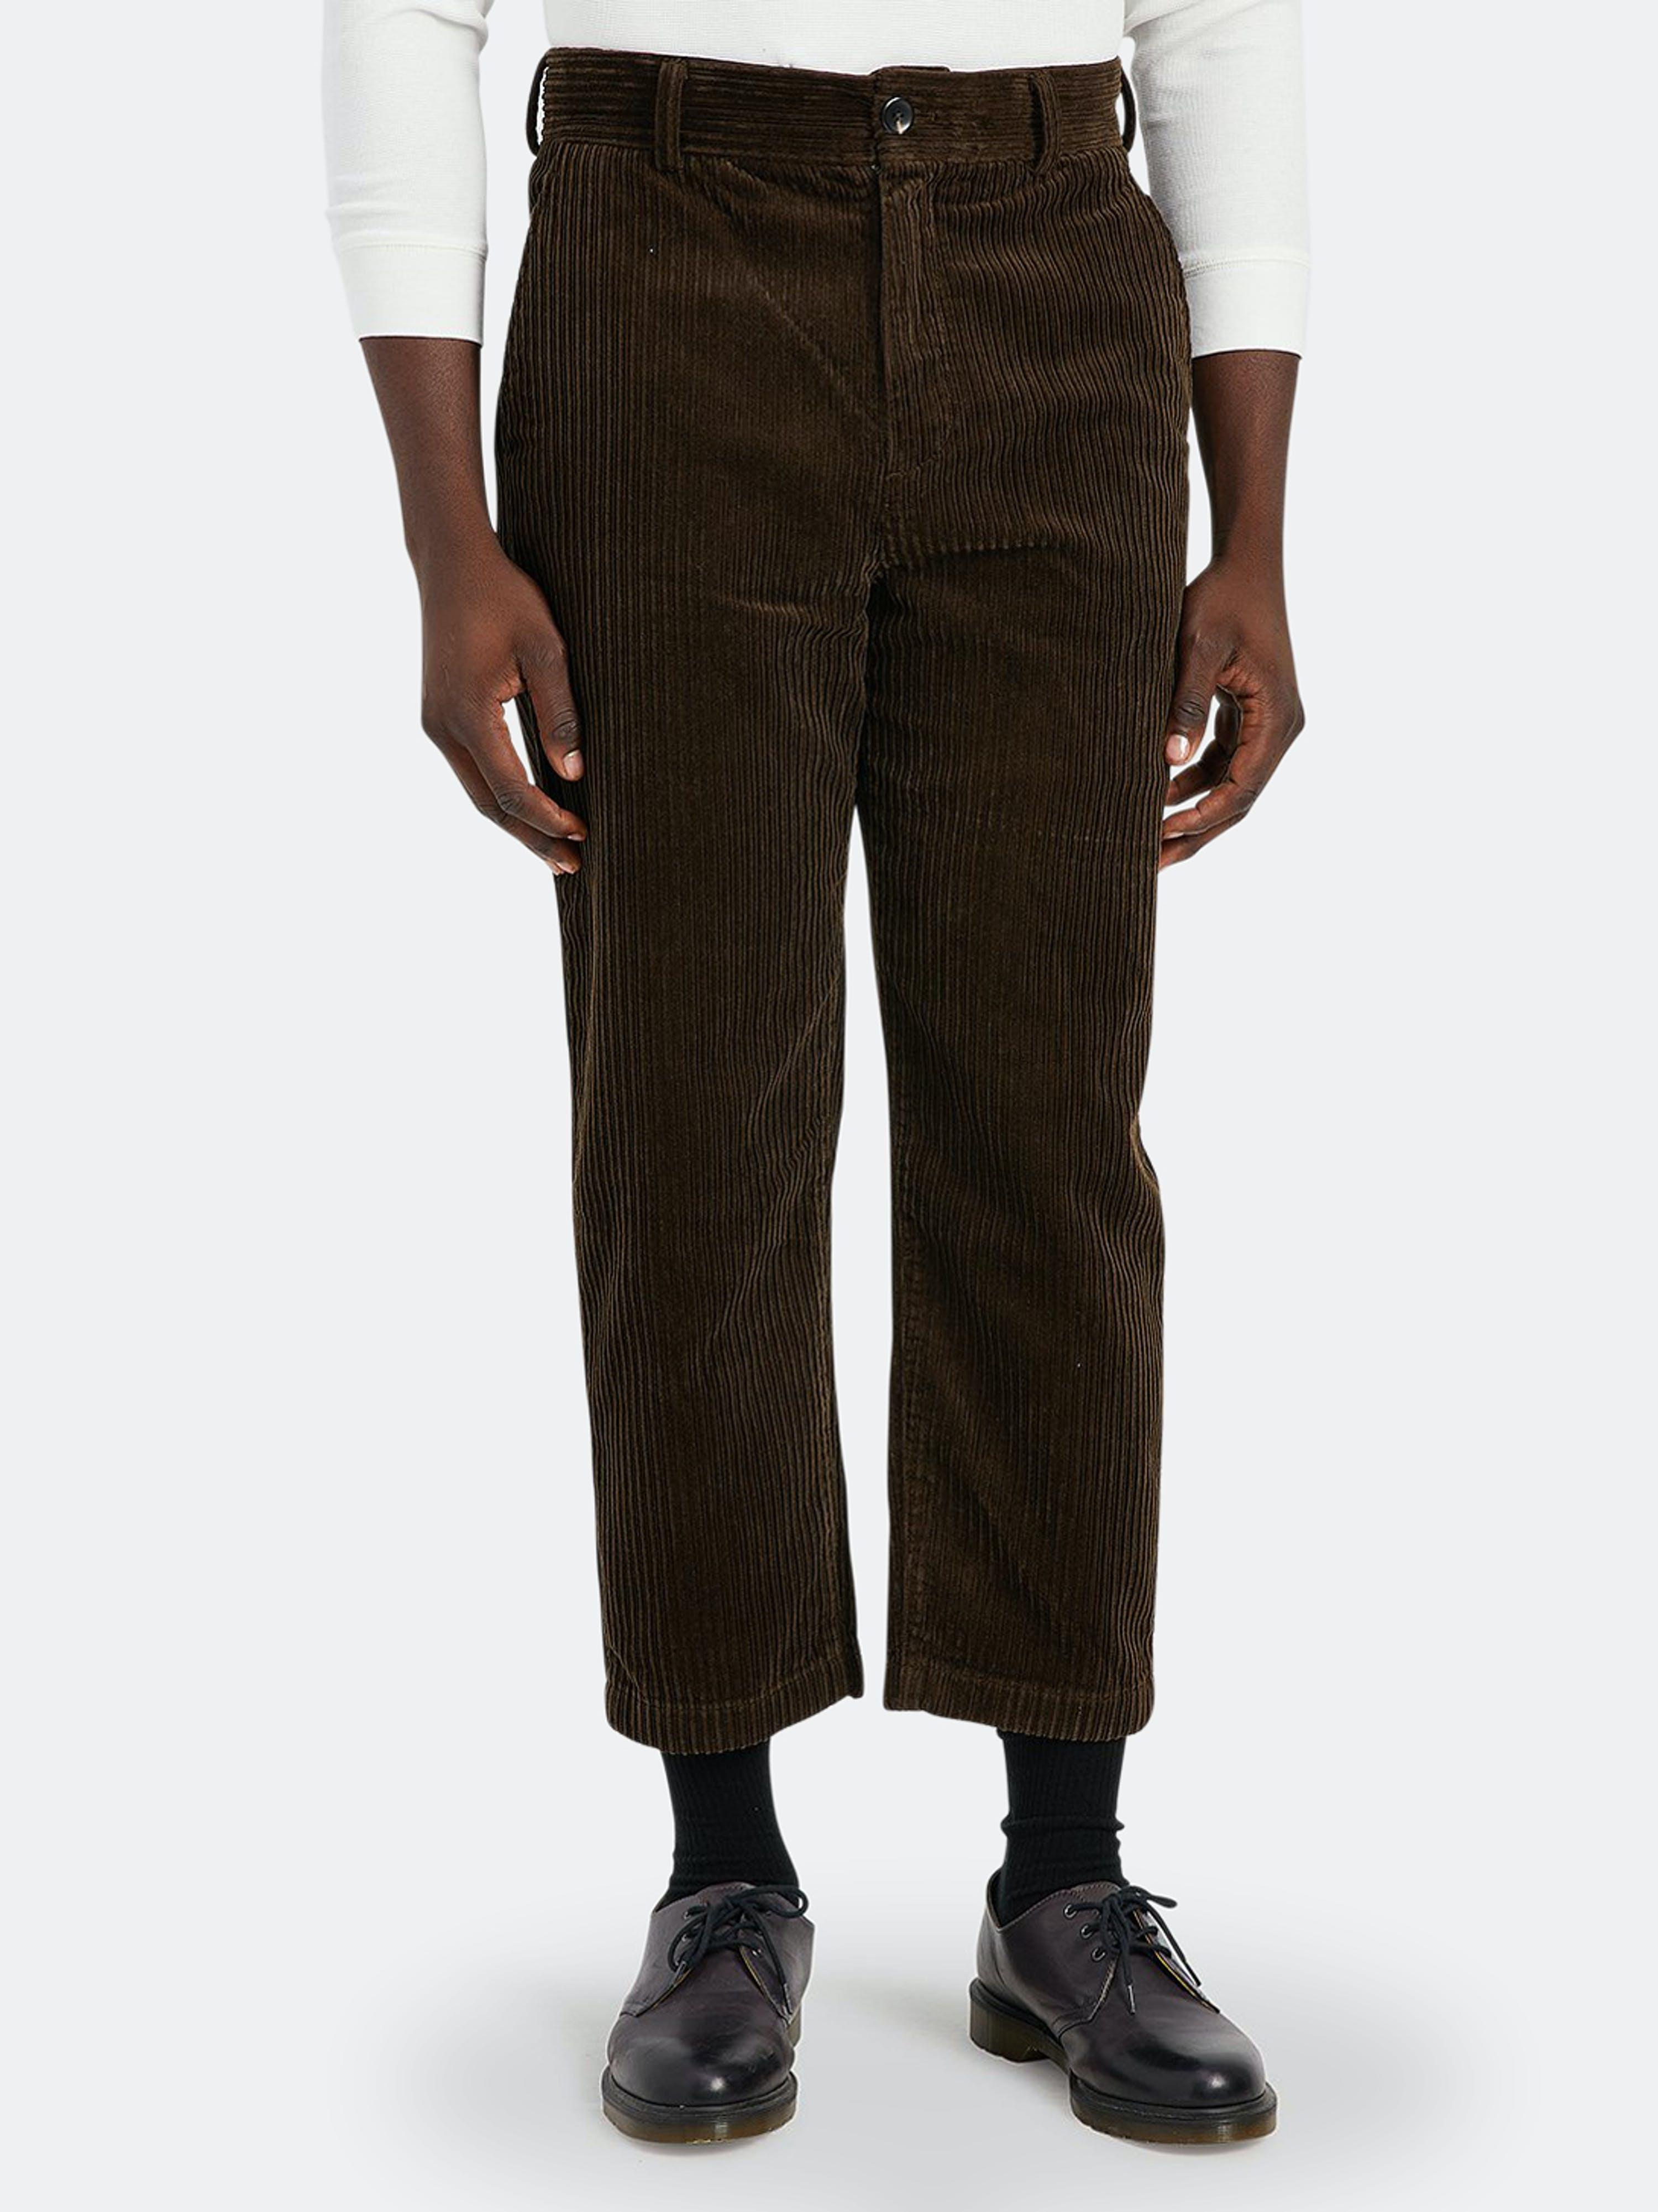 ONS Clothing Crosby Corduroy Pants  - Brown